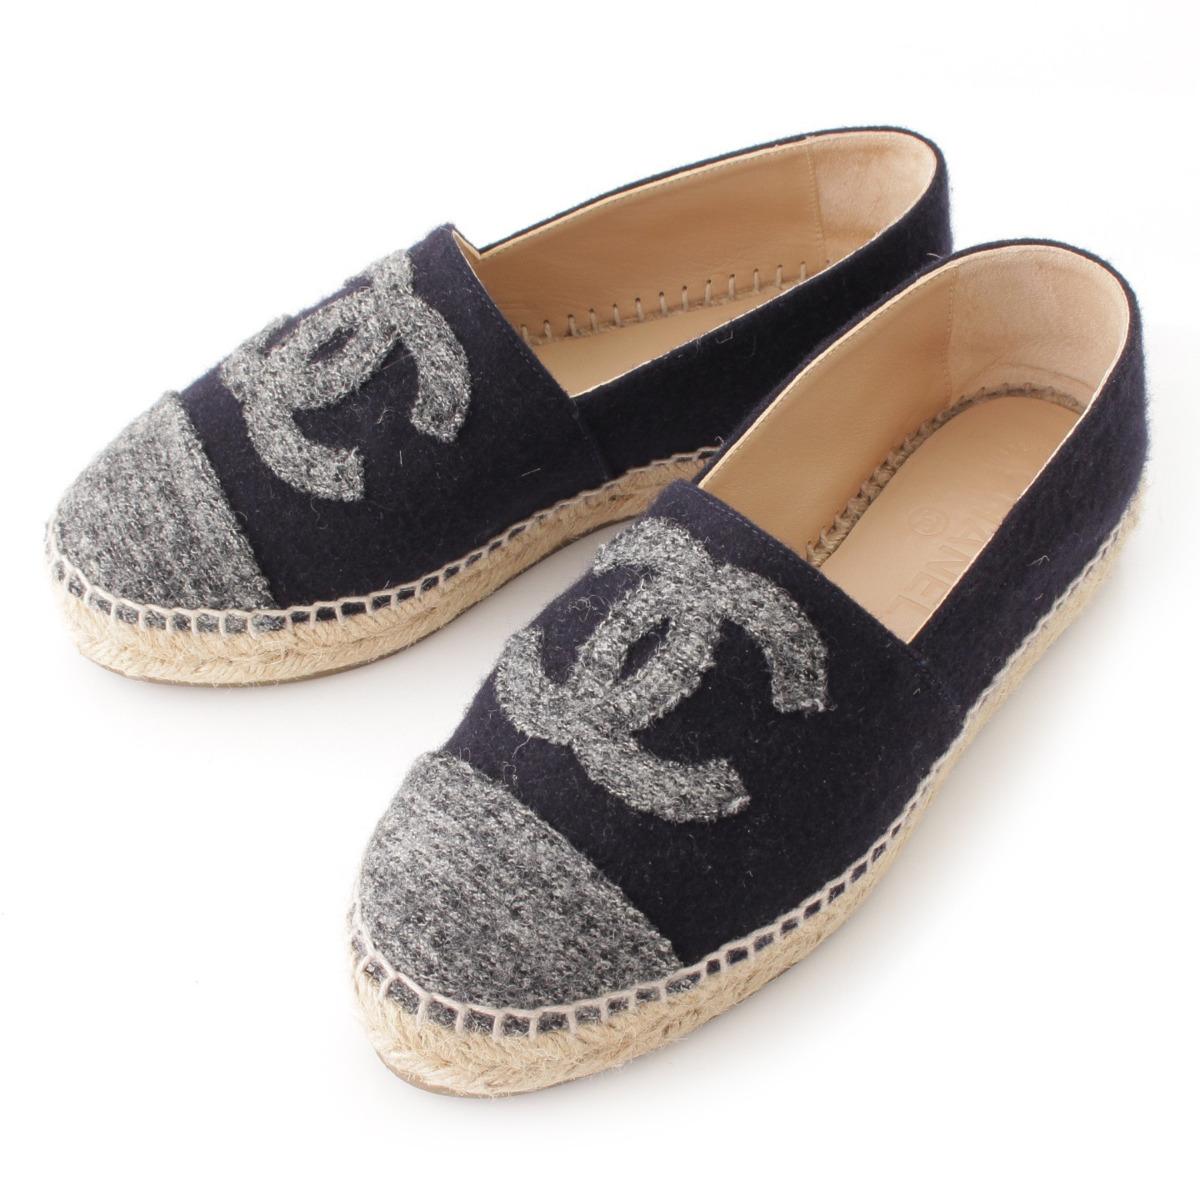 【シャネル】Chanel 16A ココマーク ウール エスパドリーユ スリッポン G29762 ネイビー 35 【中古】【鑑定済・正規品保証】55832